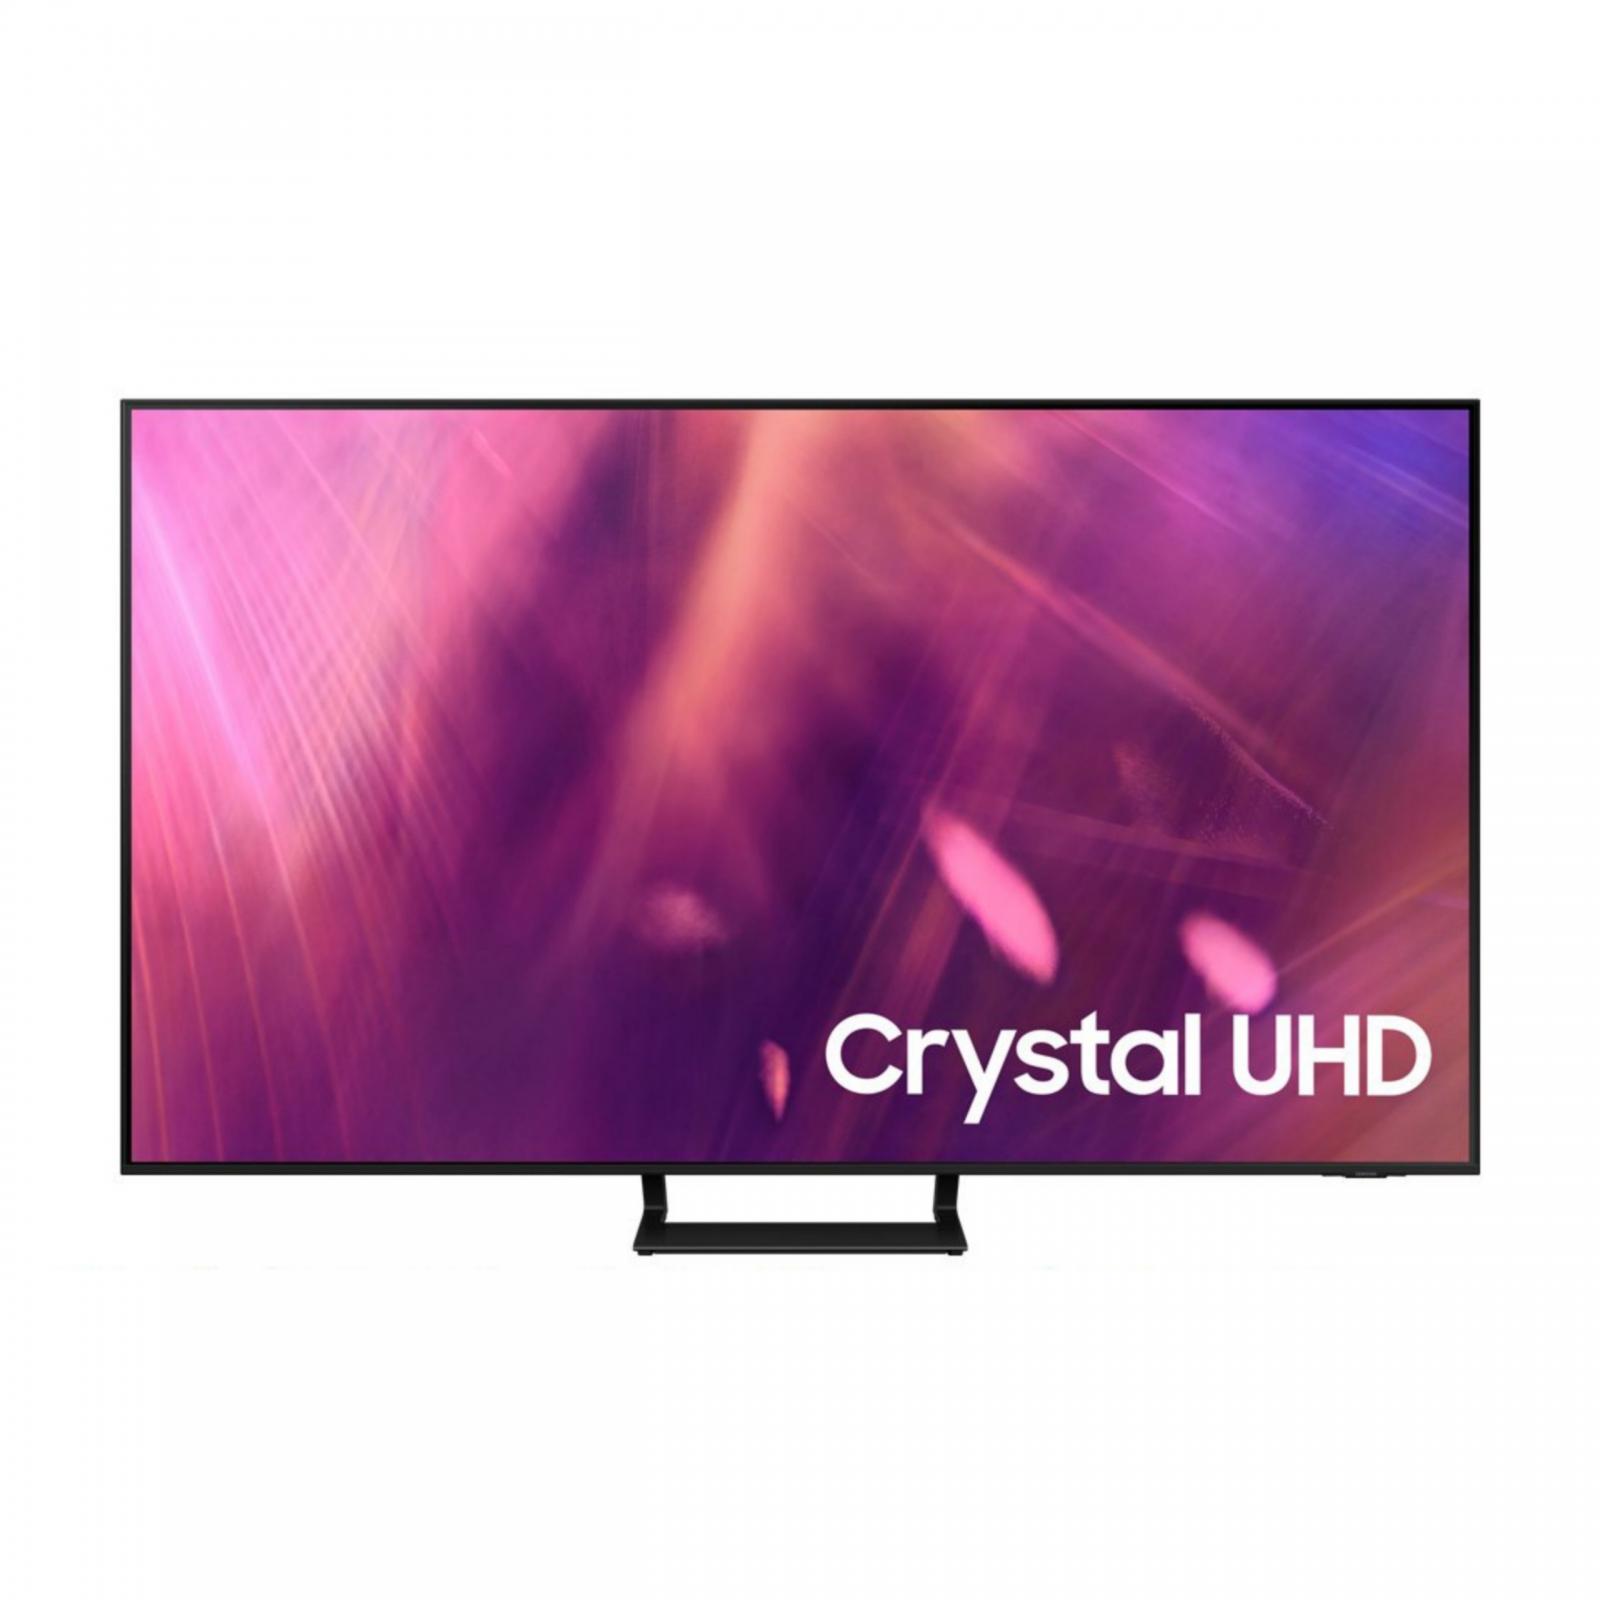 Tivi Samsung Smart Crystal UHD 4K 65 inch 50AU9000